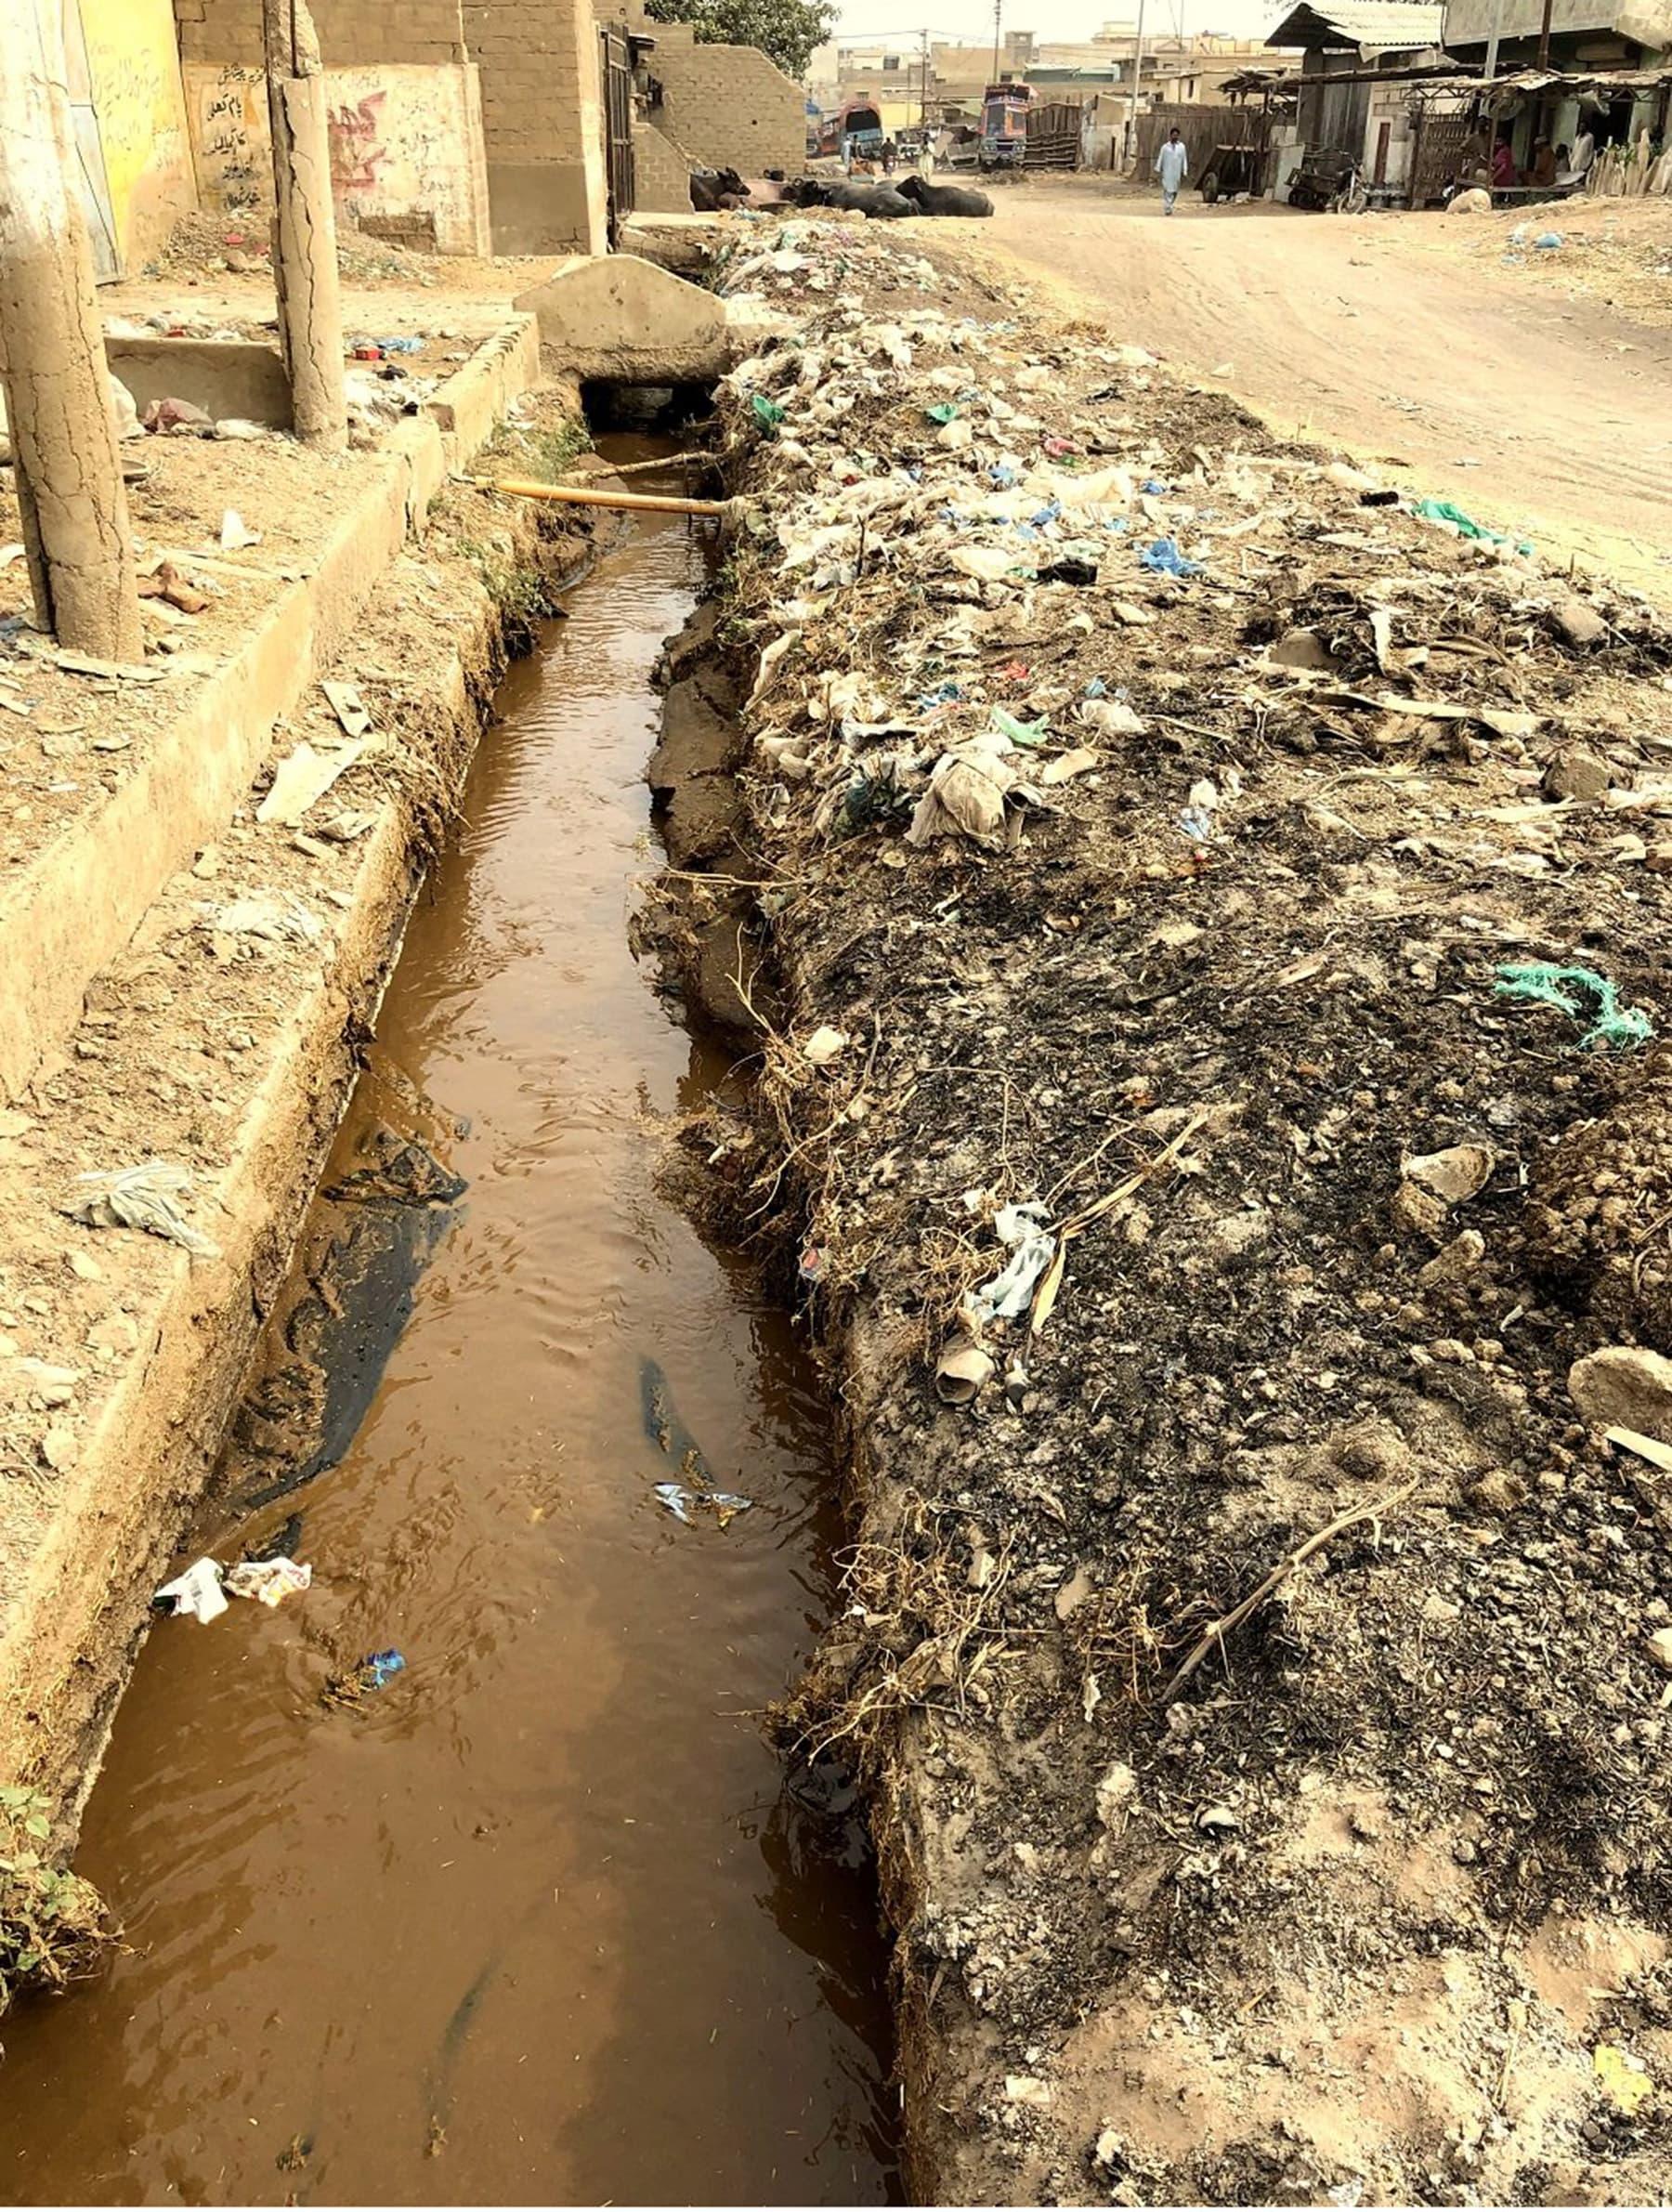 یہ پروجیکٹ کالونی کے رہائشیوں کو درپیش مسائل خصوصاً کھلے نالوں کی گندگی کی صفائی میں مددگار ثابت ہوسکتا ہے—تصویربشکریہ ذوفین ابراہیم